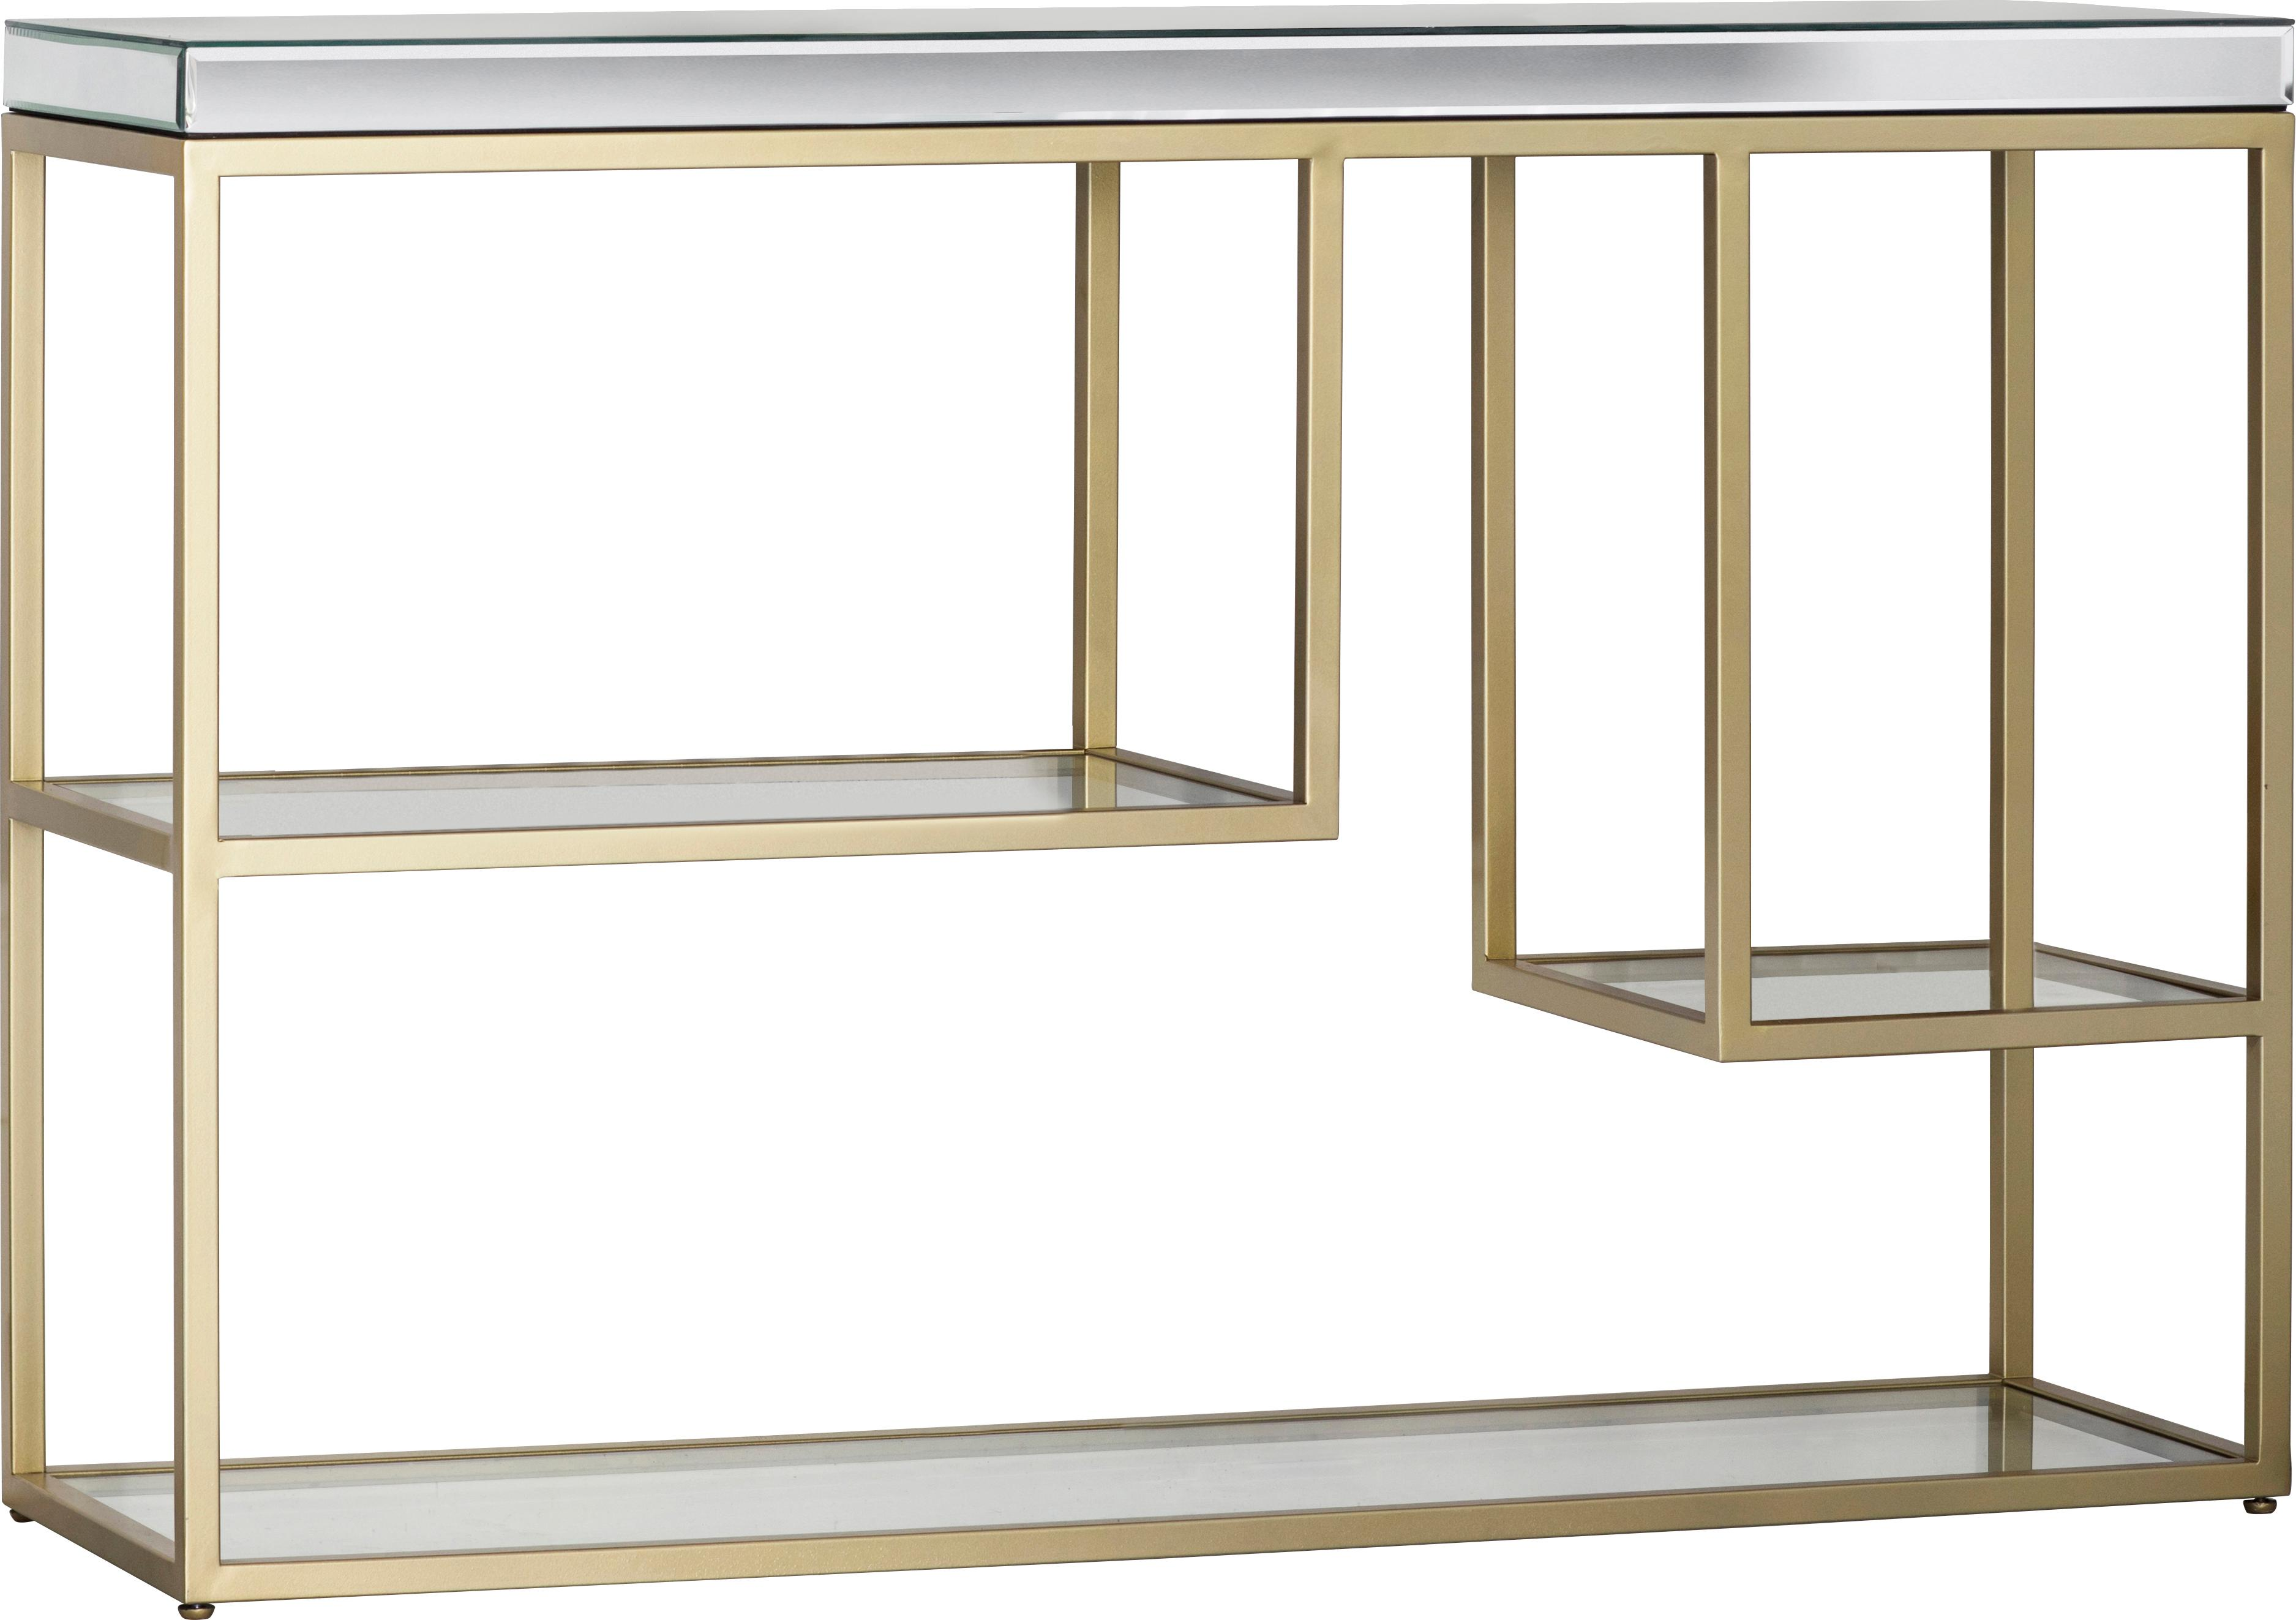 Consolle con piani in vetro Pippard, Struttura: metallo verniciato, Mensola: lastra di vetro, Champagne trasparente, Larg. 120 x Prof. 36 cm